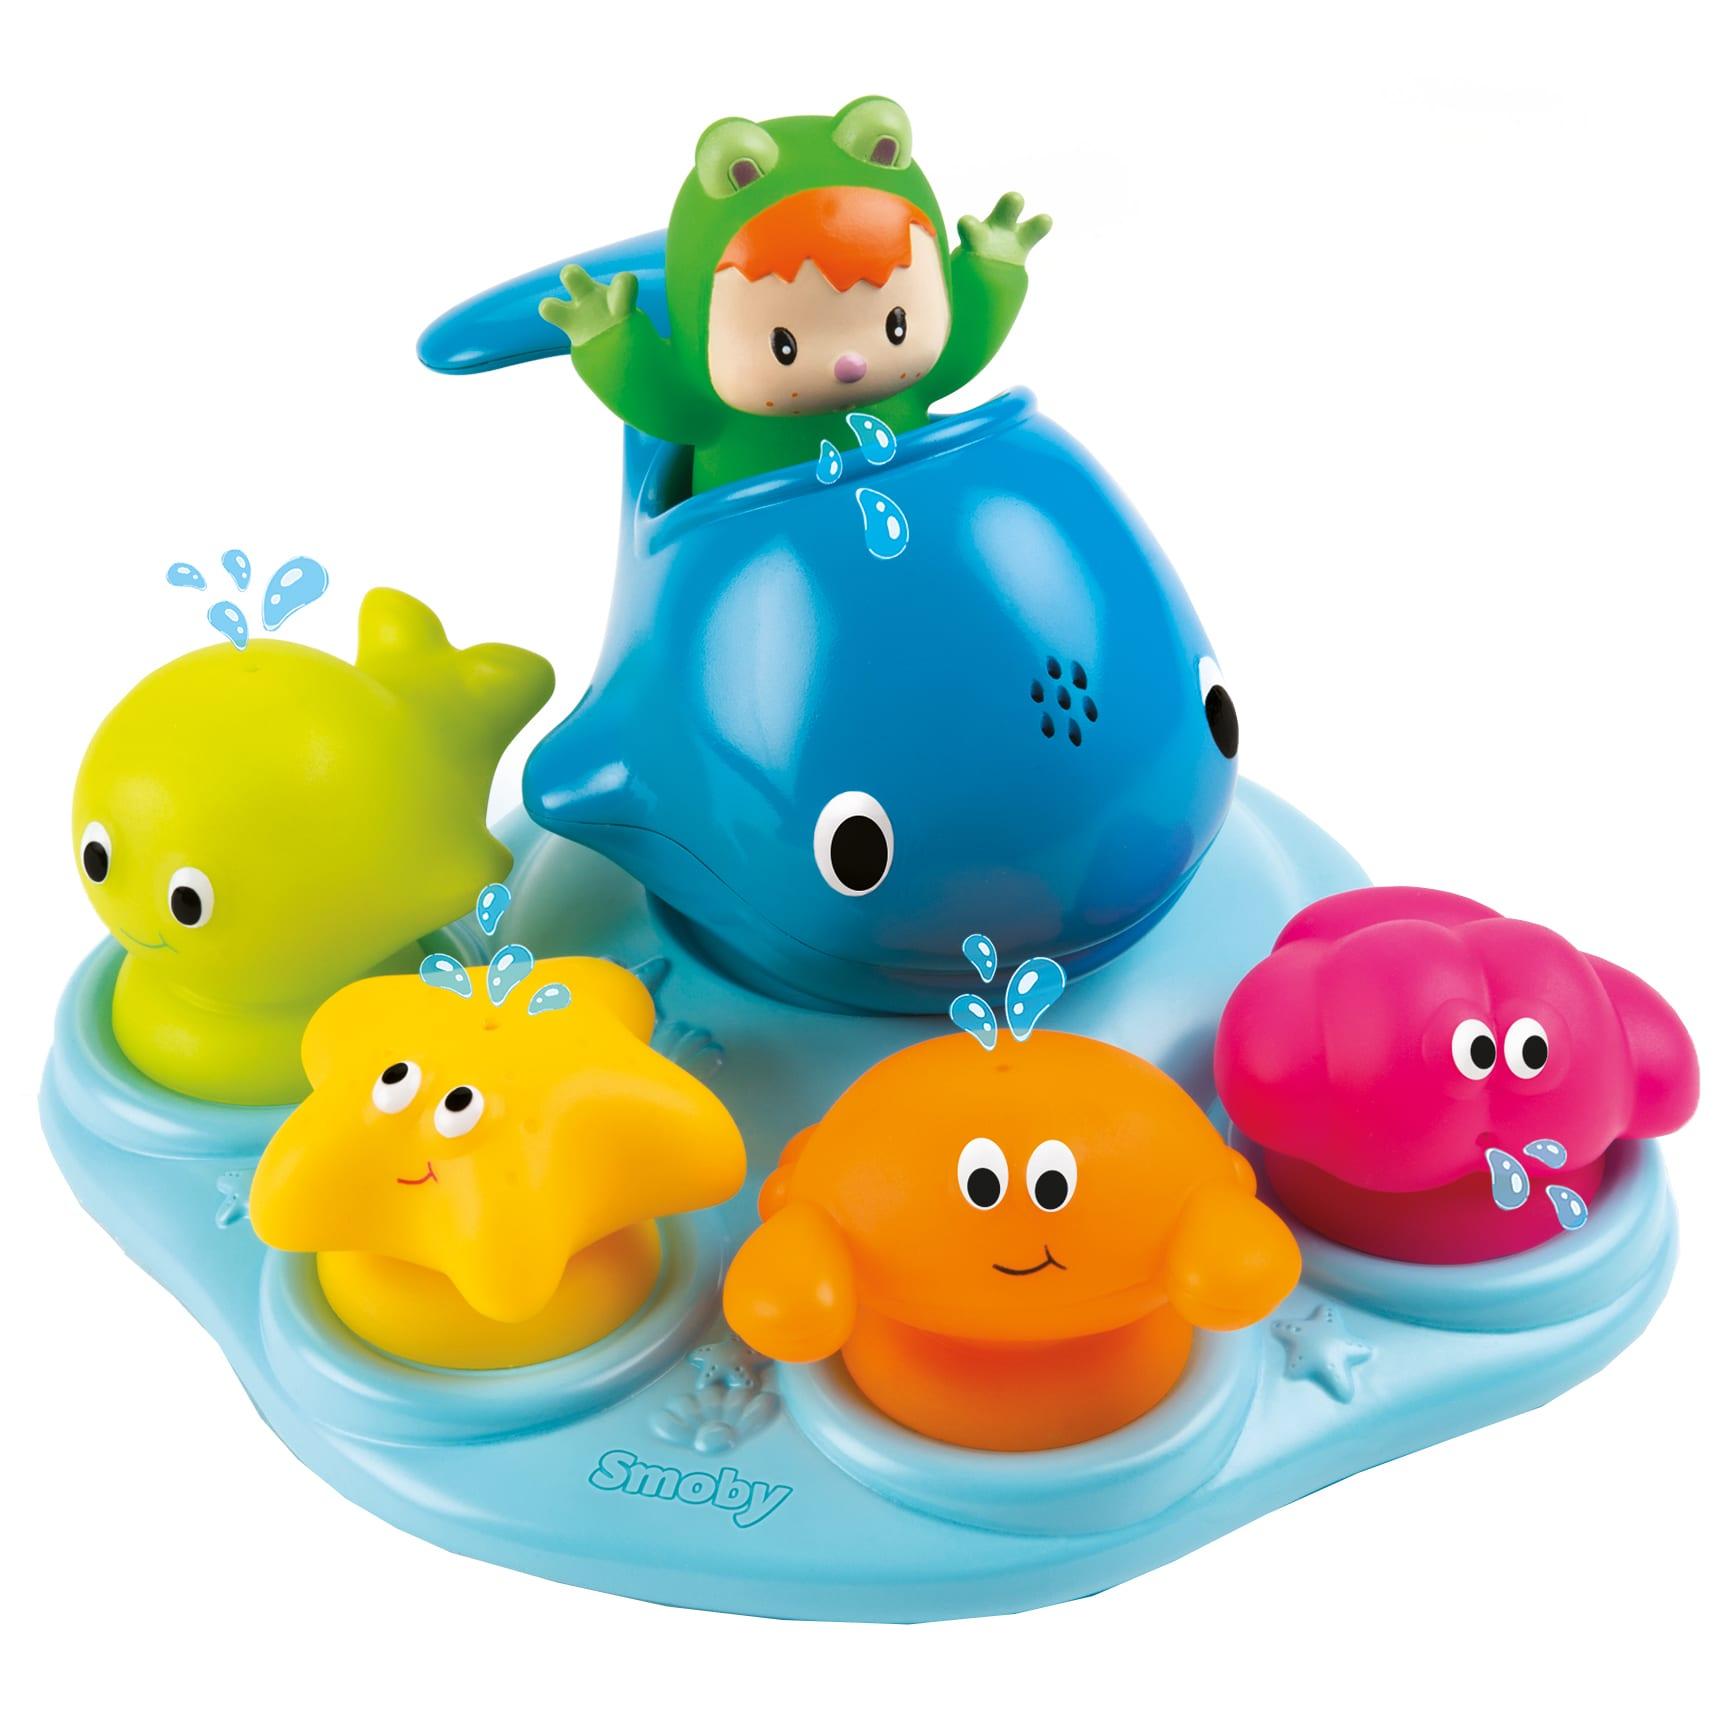 Sprøjtefigurer og vandkande-hval